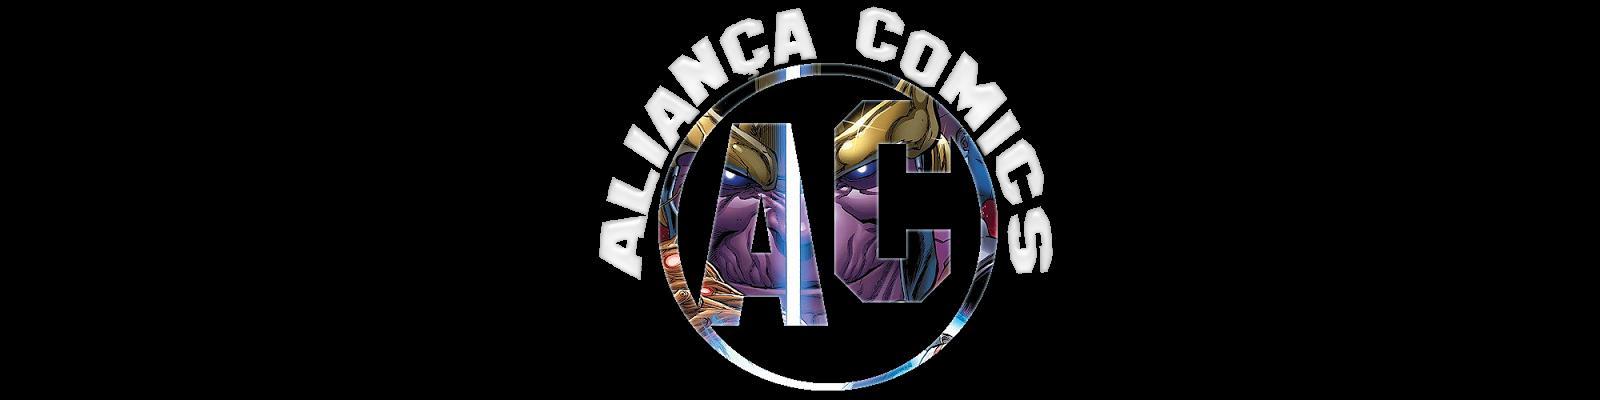 Aliança Comics